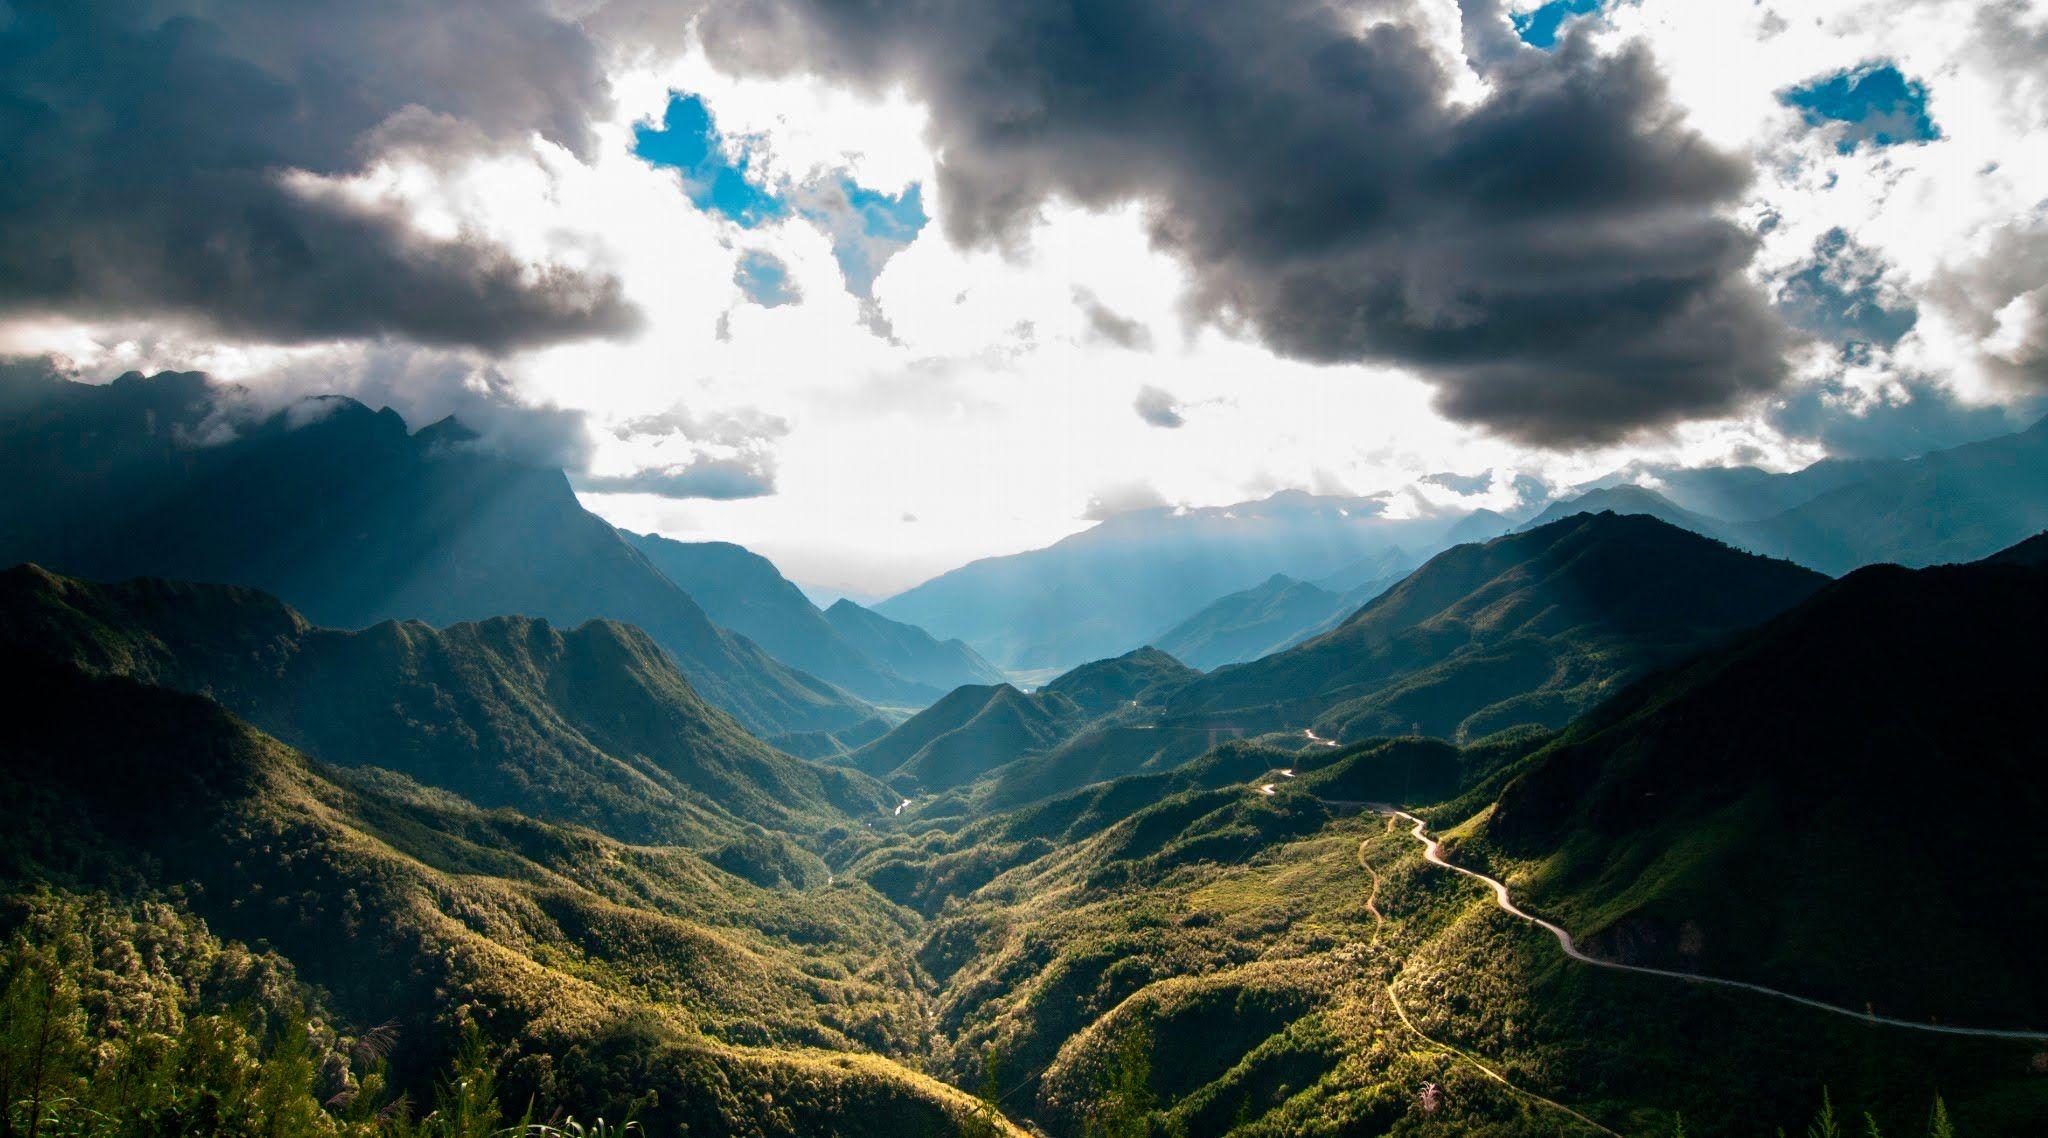 Review du lịch Đèo Ô Quy Hồ cảnh đồi núi đẹp hùng vĩ